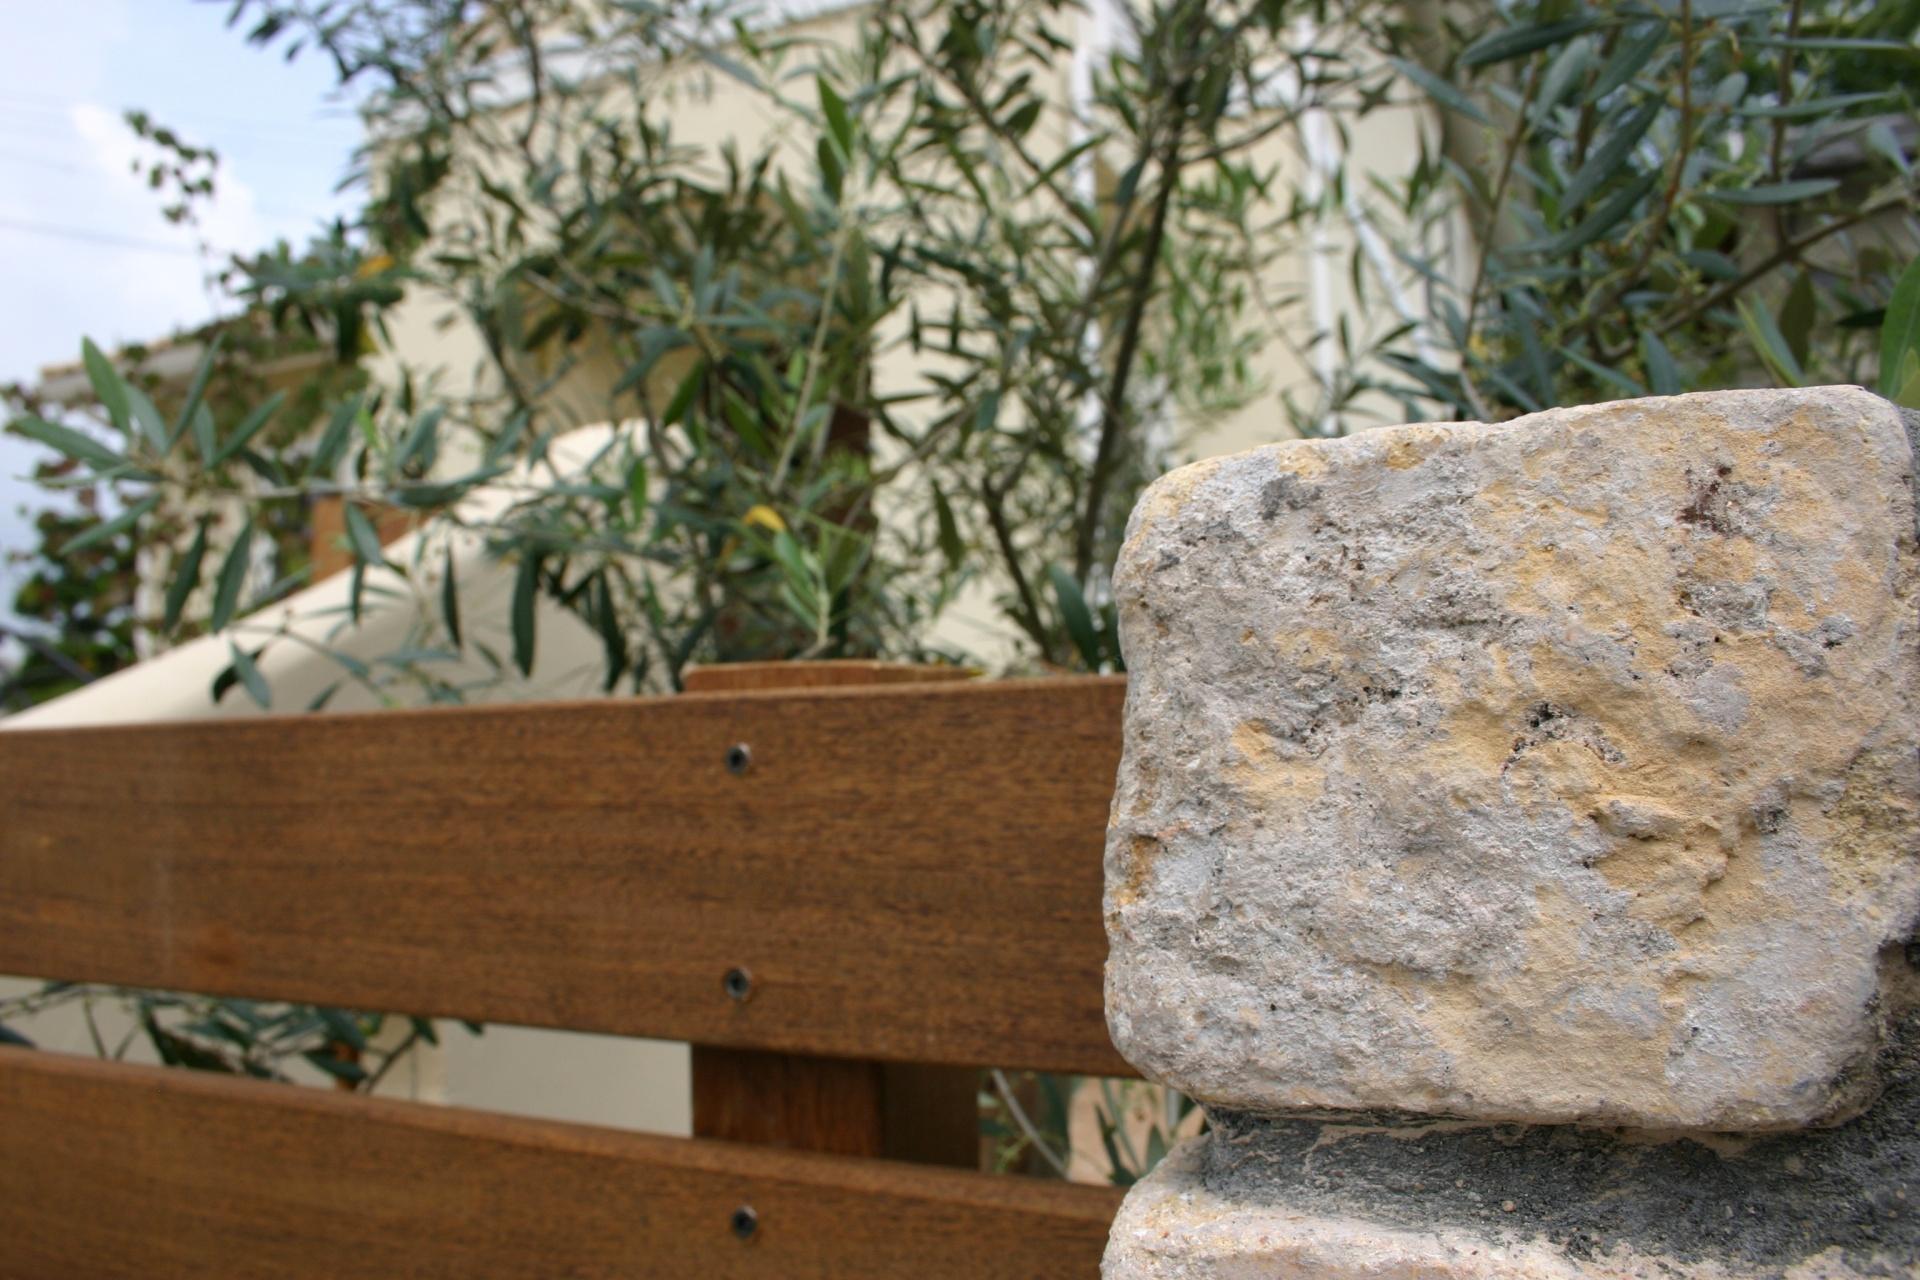 創作的なナチュラルなお庭風化したアンティークレンガとイペフェンス 姫路市M様邸